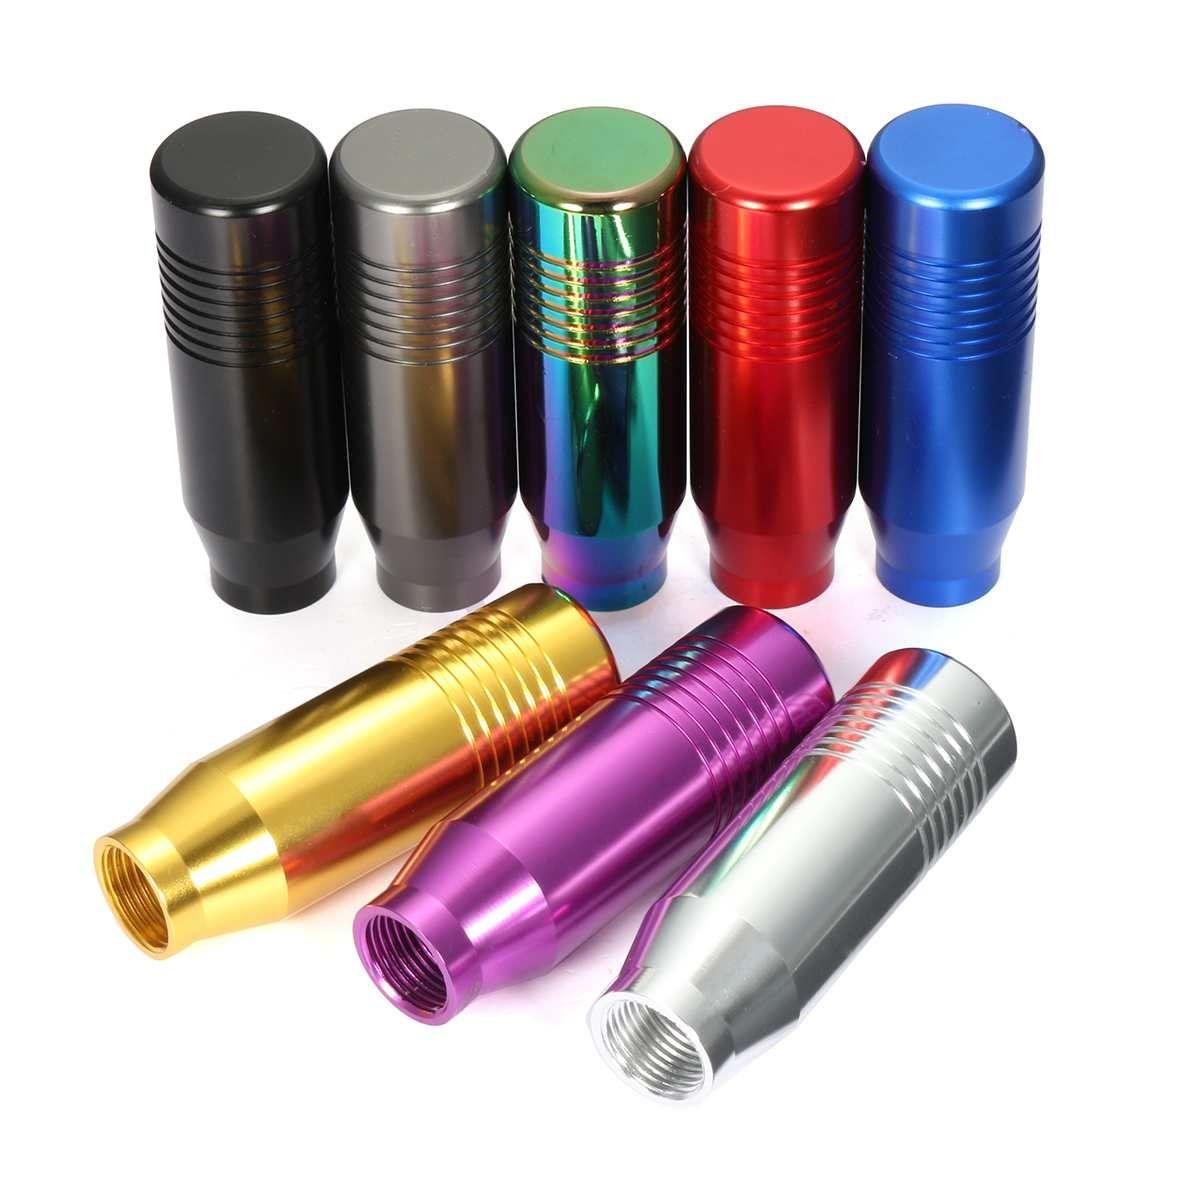 8 farbe Universal Auto Aluminium Manuelle Schaltknauf Stick Manuelle Übertragung Gearstick Hebel Shifter Knob